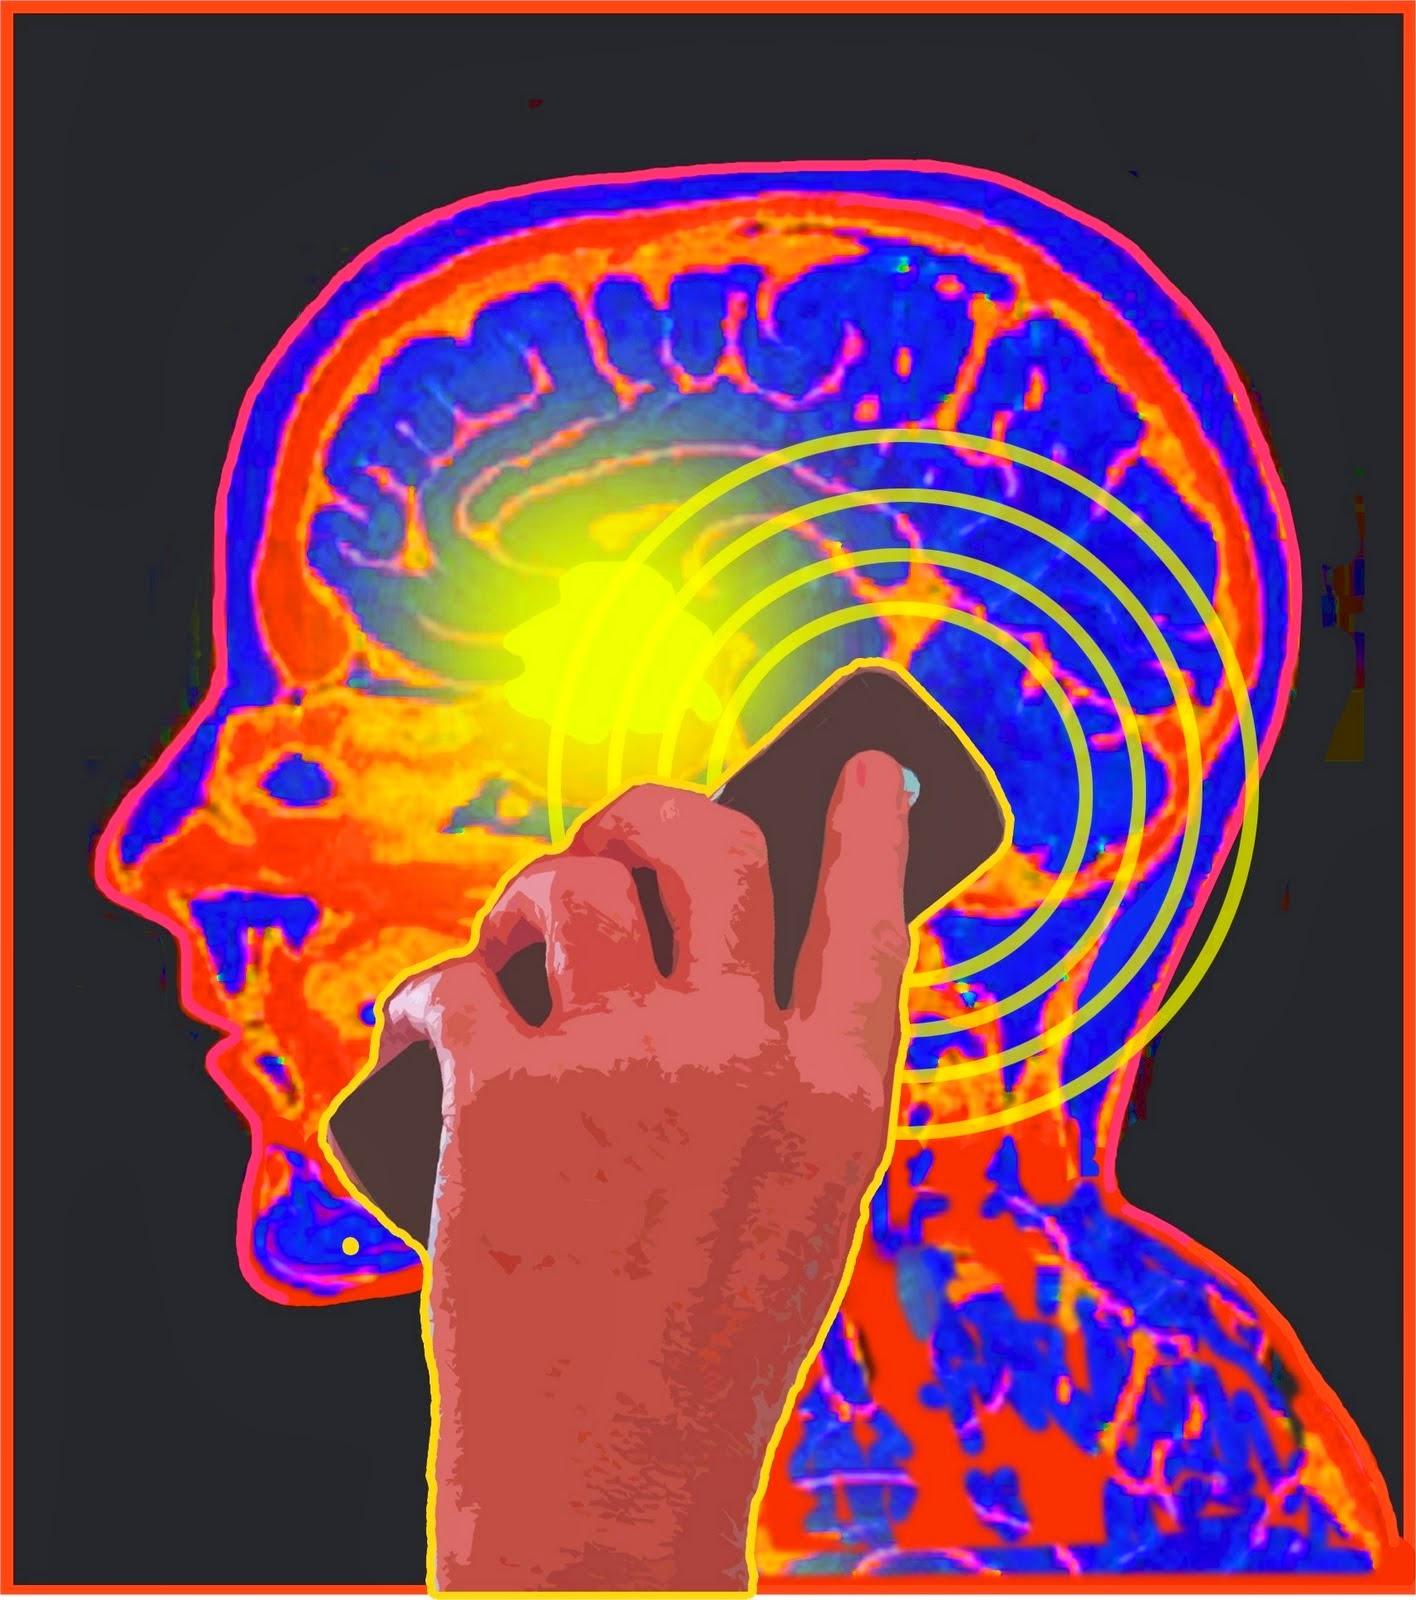 faktor risiko dan penyebab kanker otak